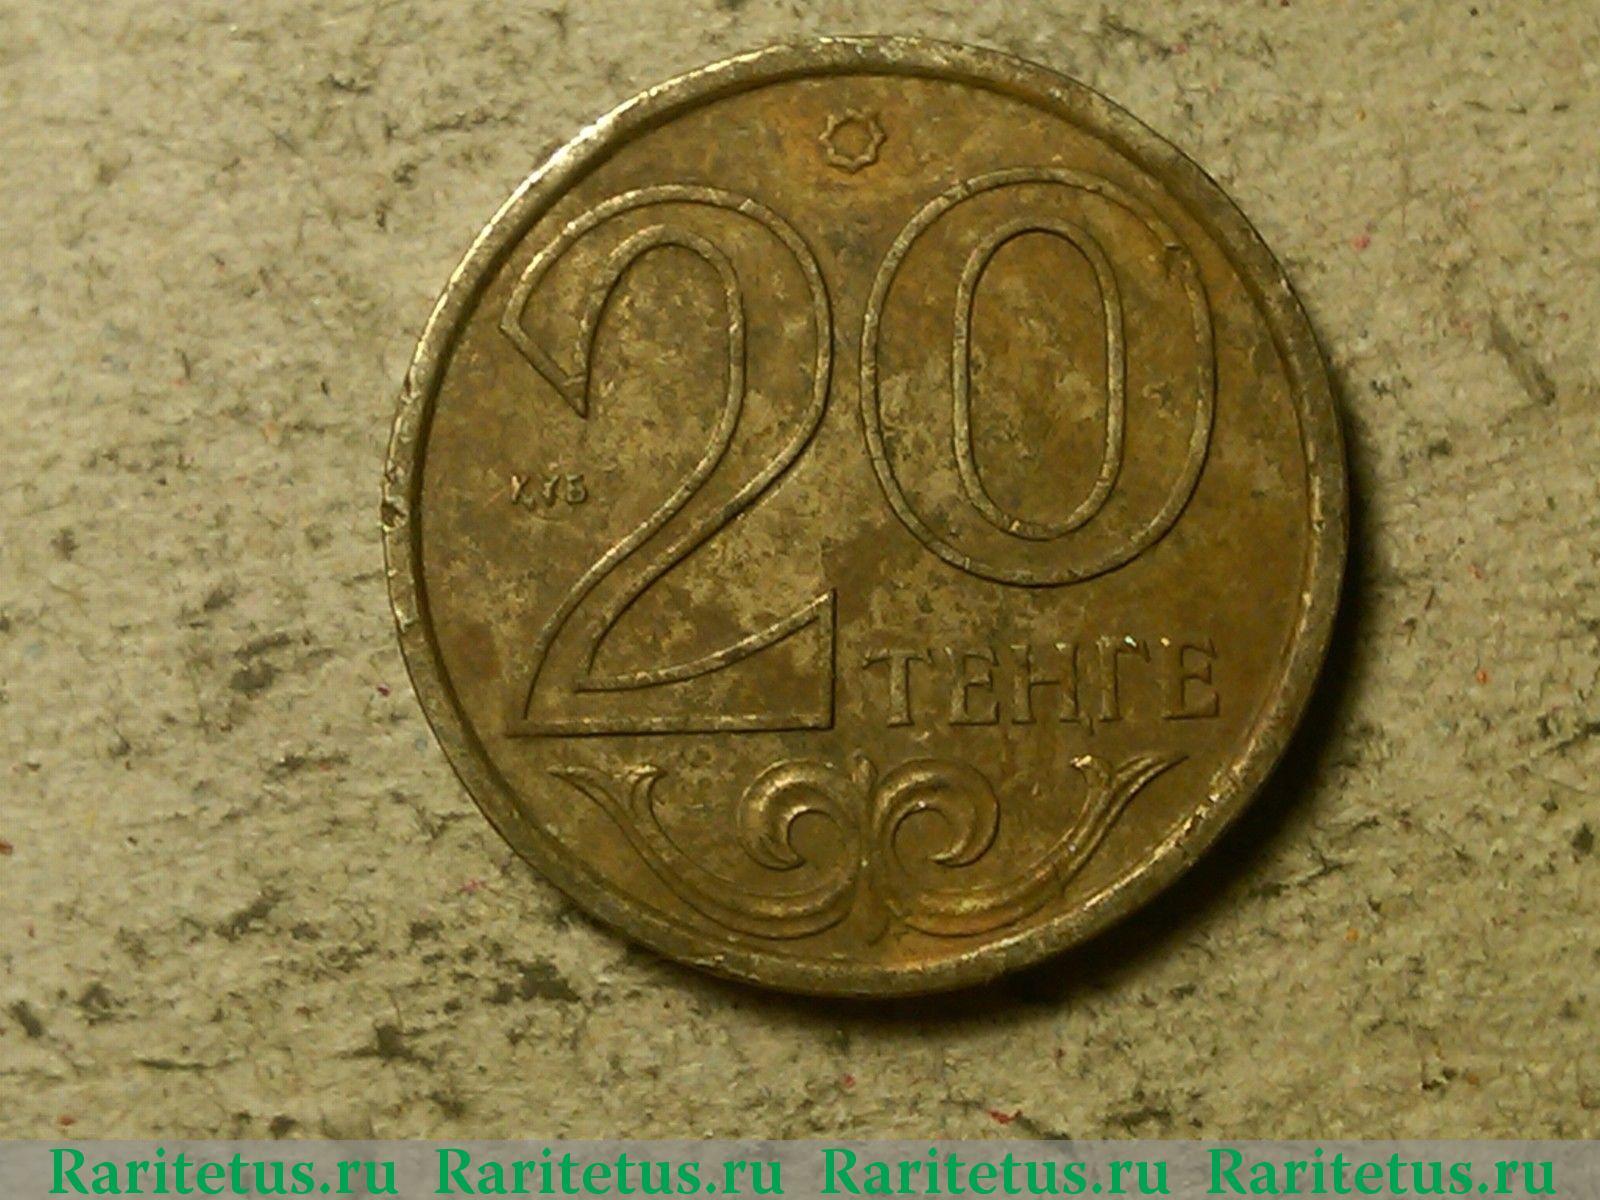 20 тенге 2006 года цена сколько стоят монеты россии каталог самые дорогие